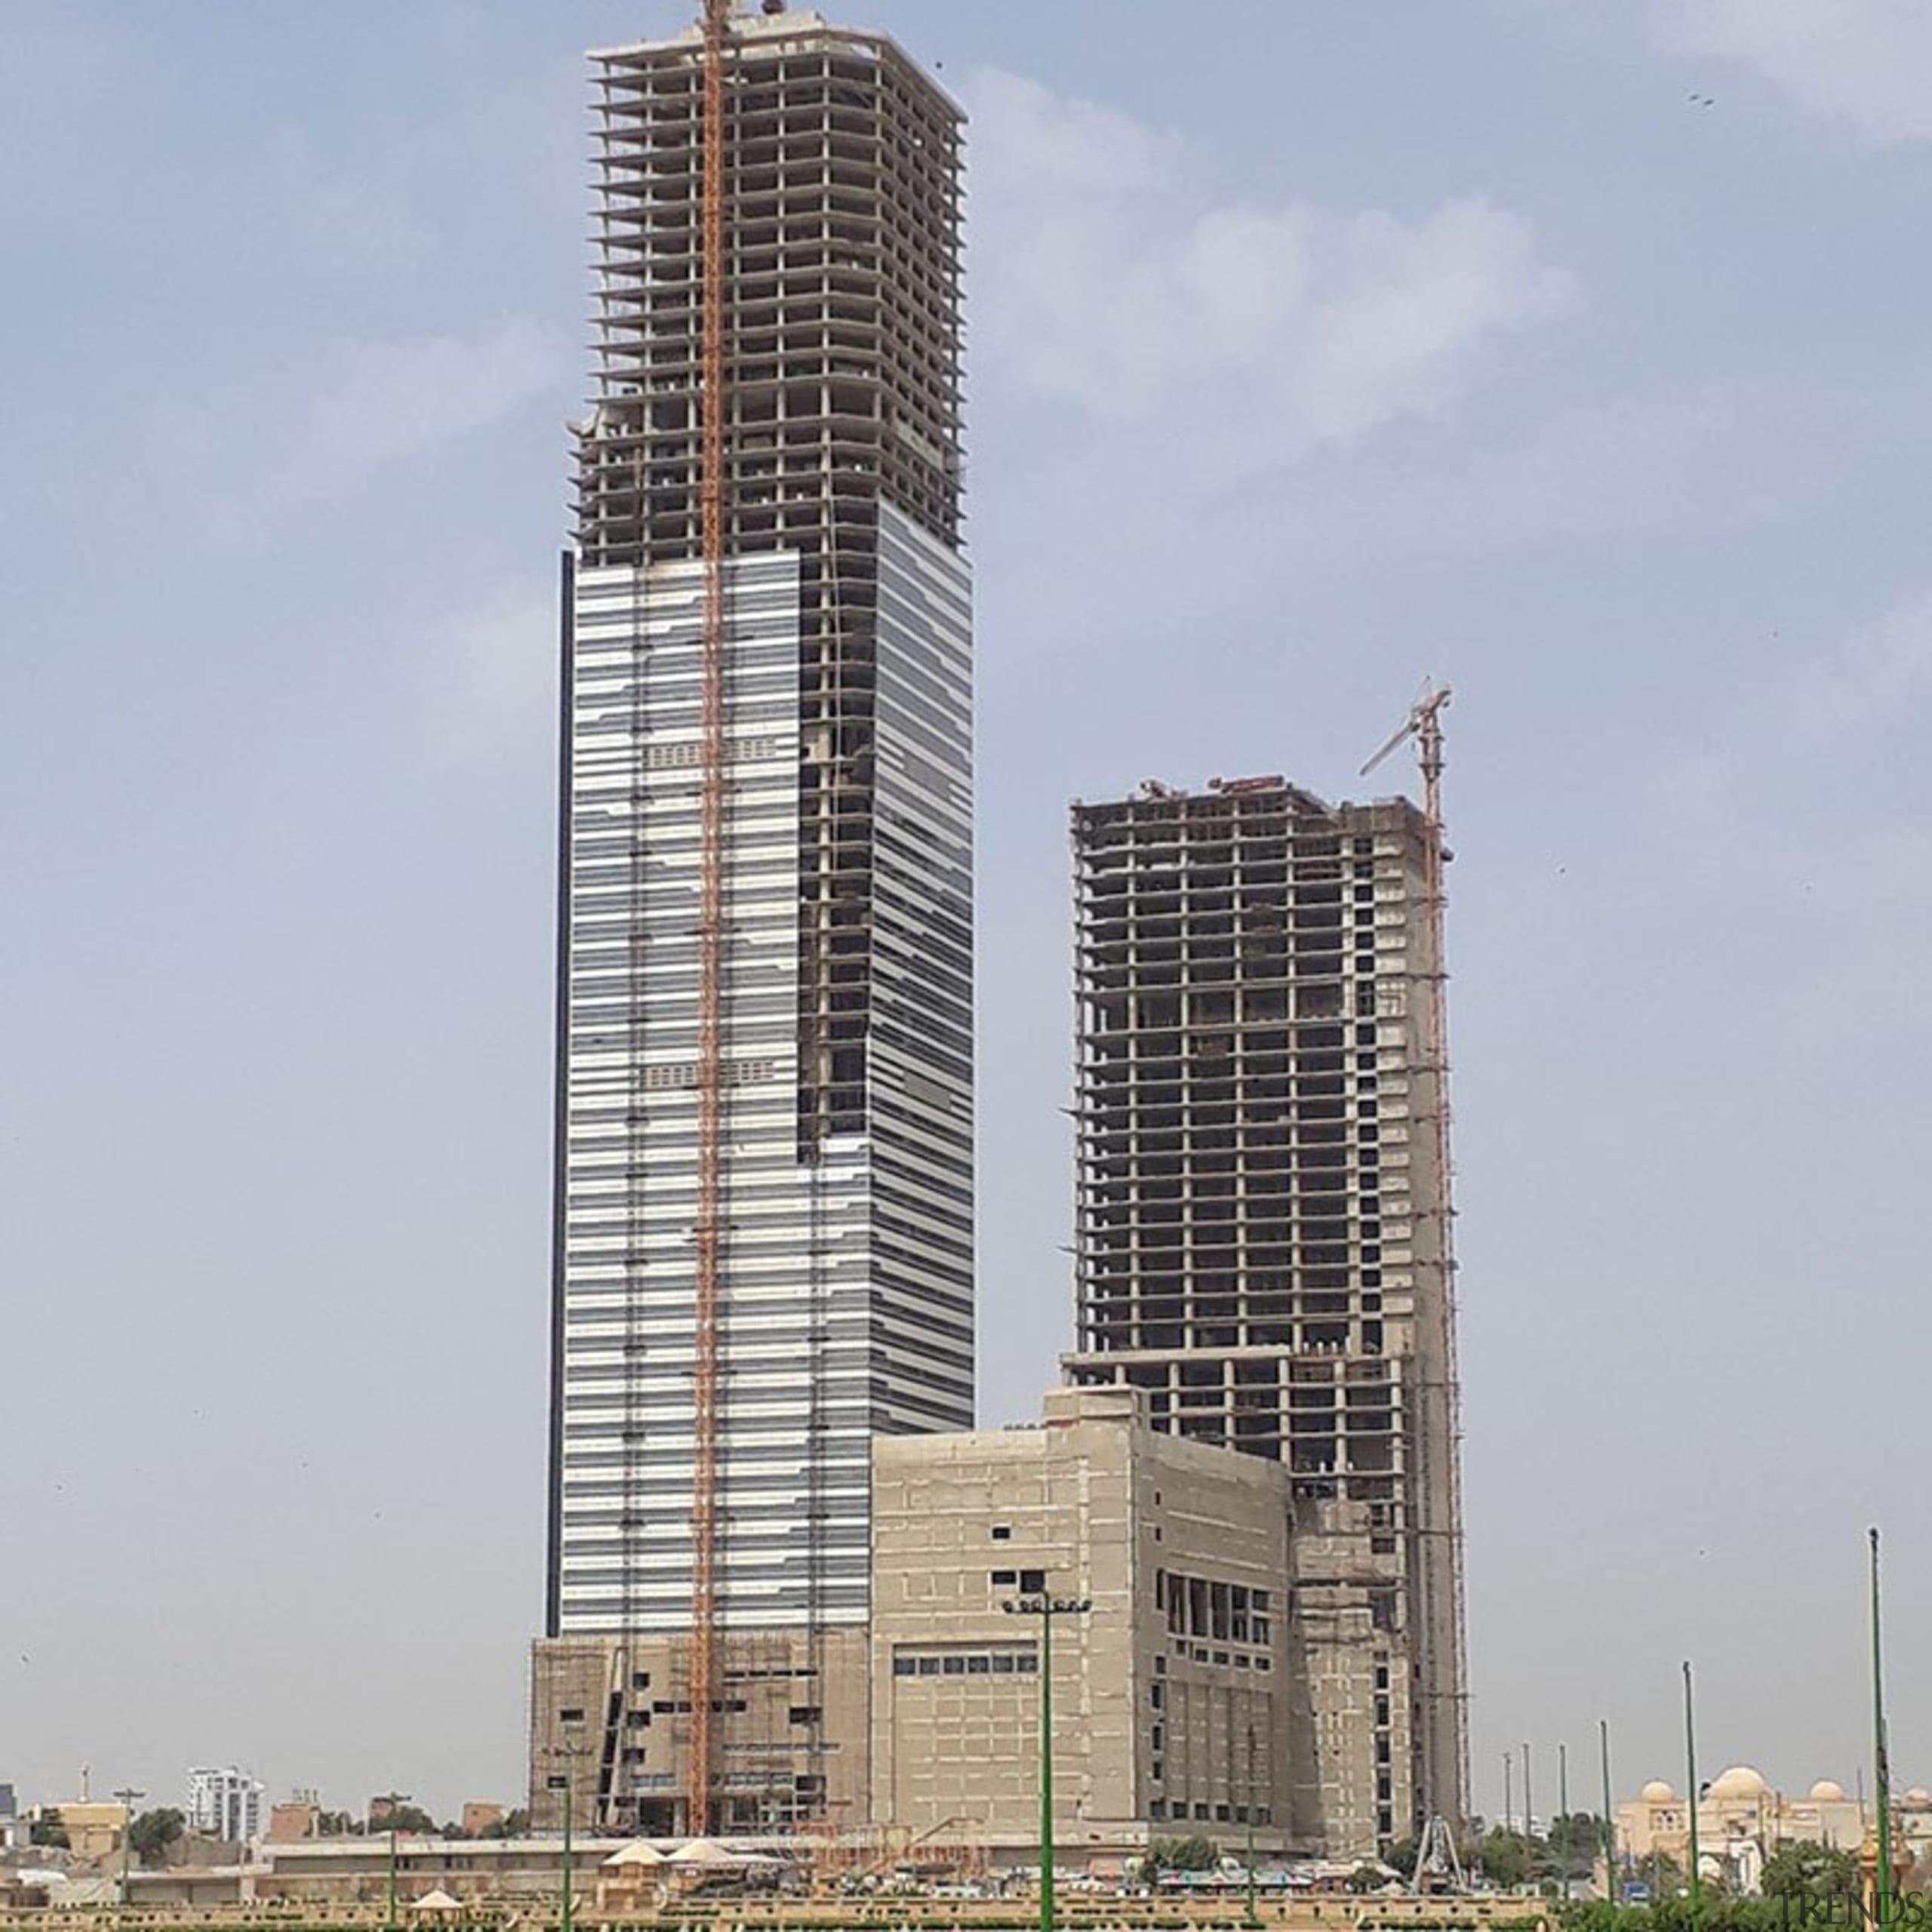 Bahria, Karachi. Image by King Eliot - The gray